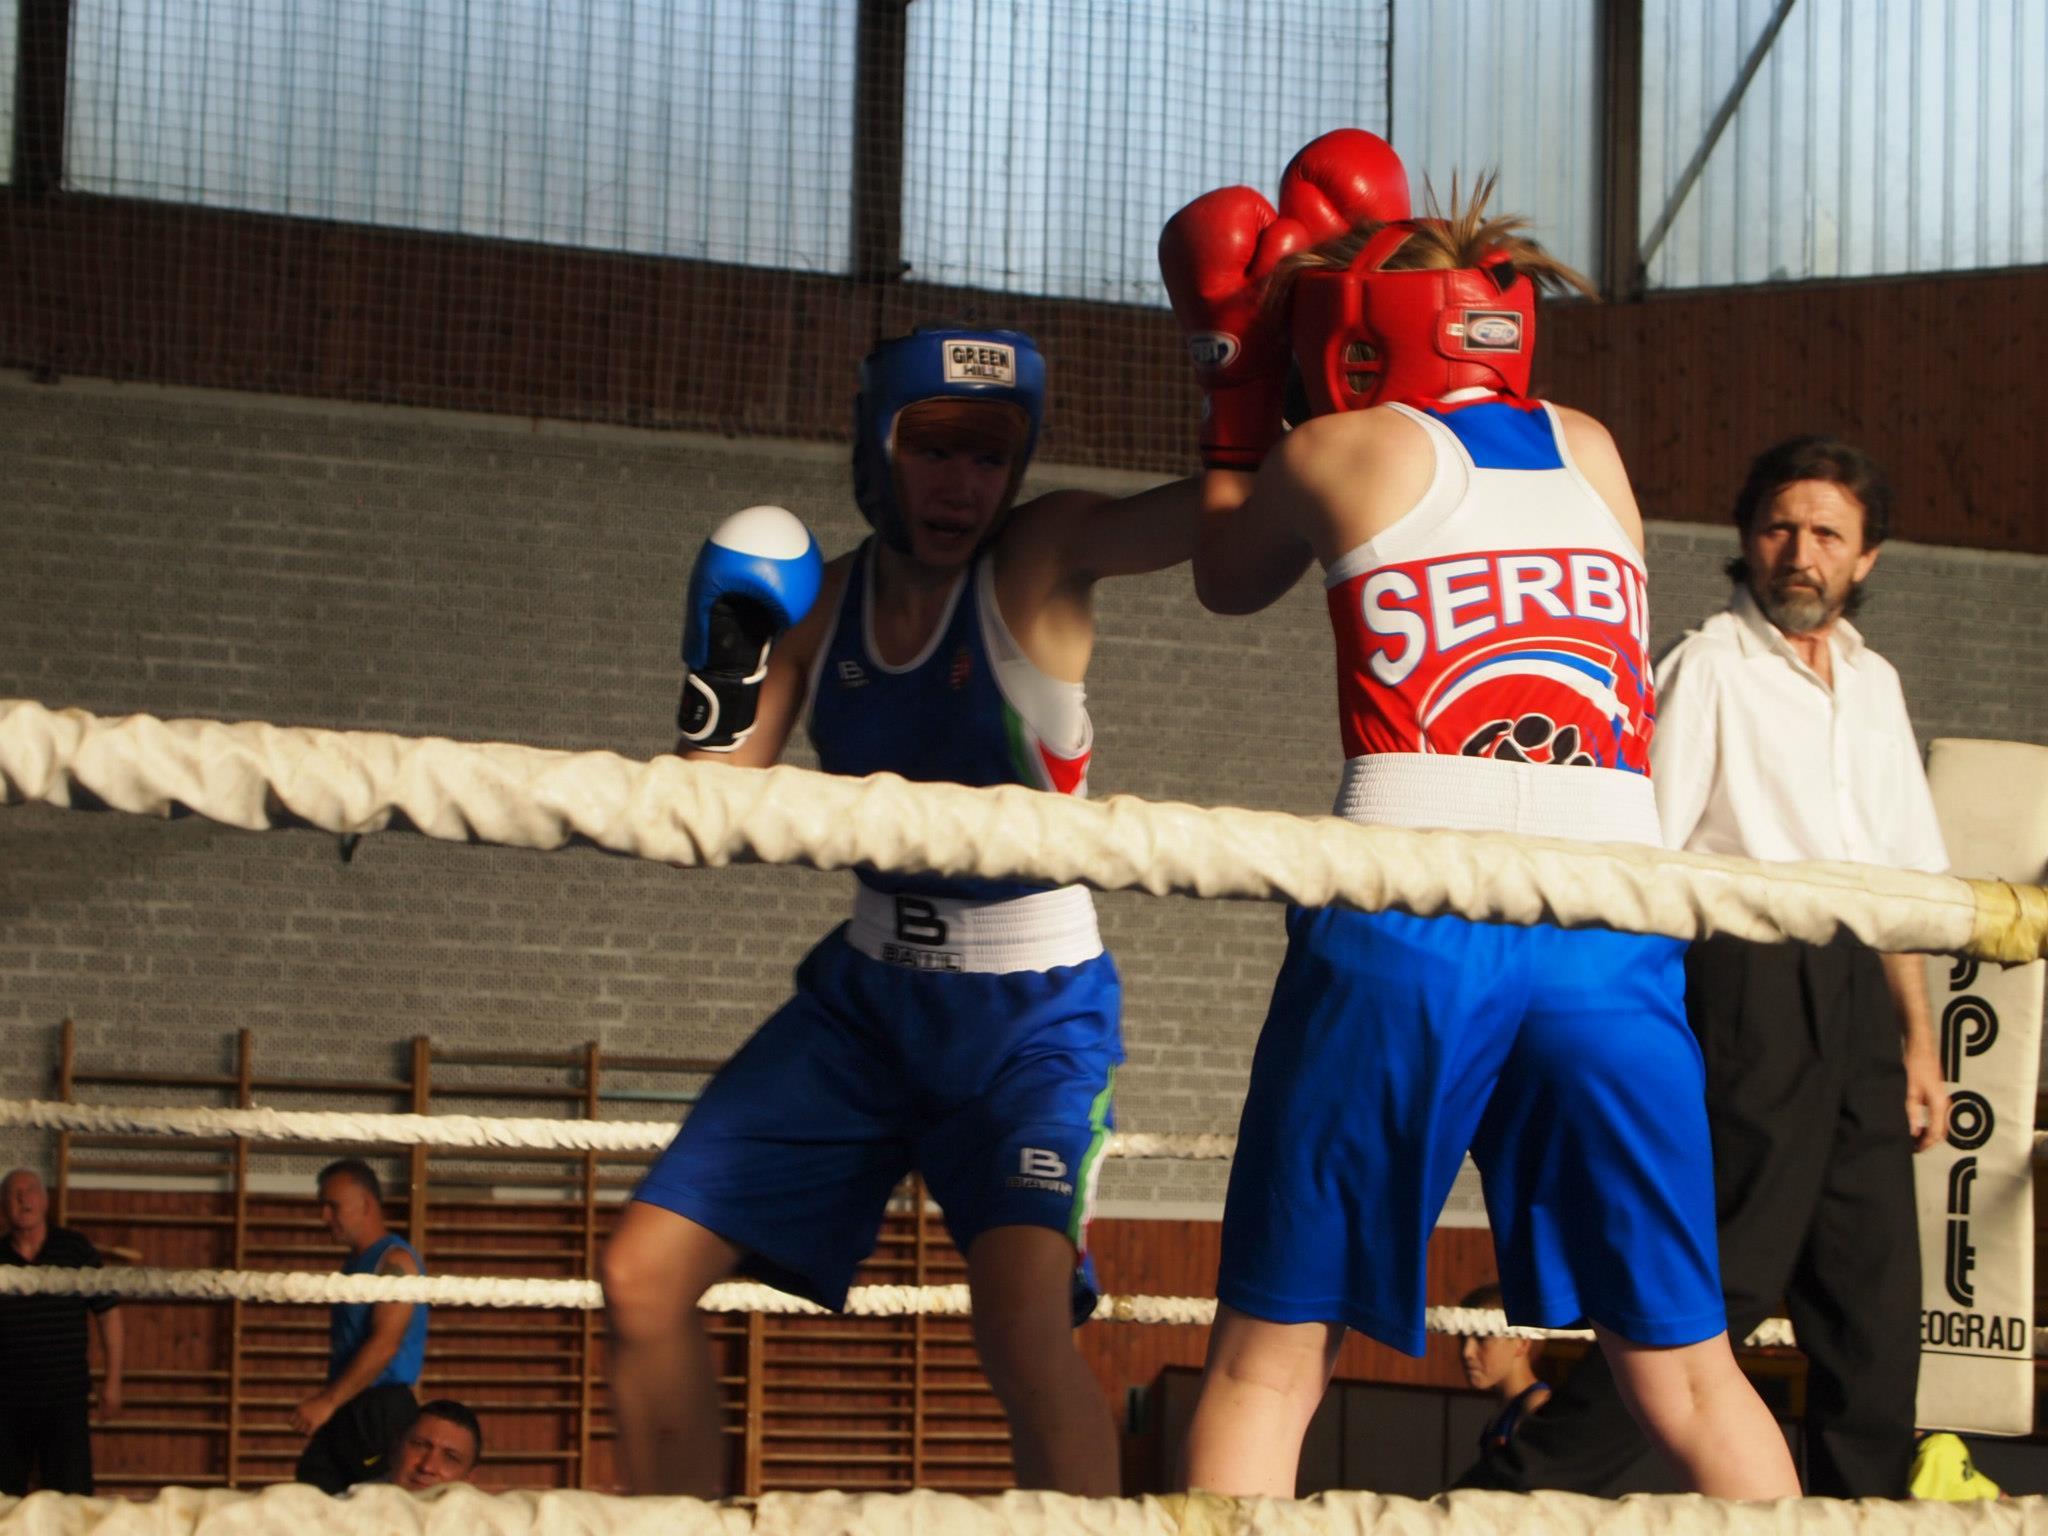 Eredmények a szerb-magyar csapattalálkozóról